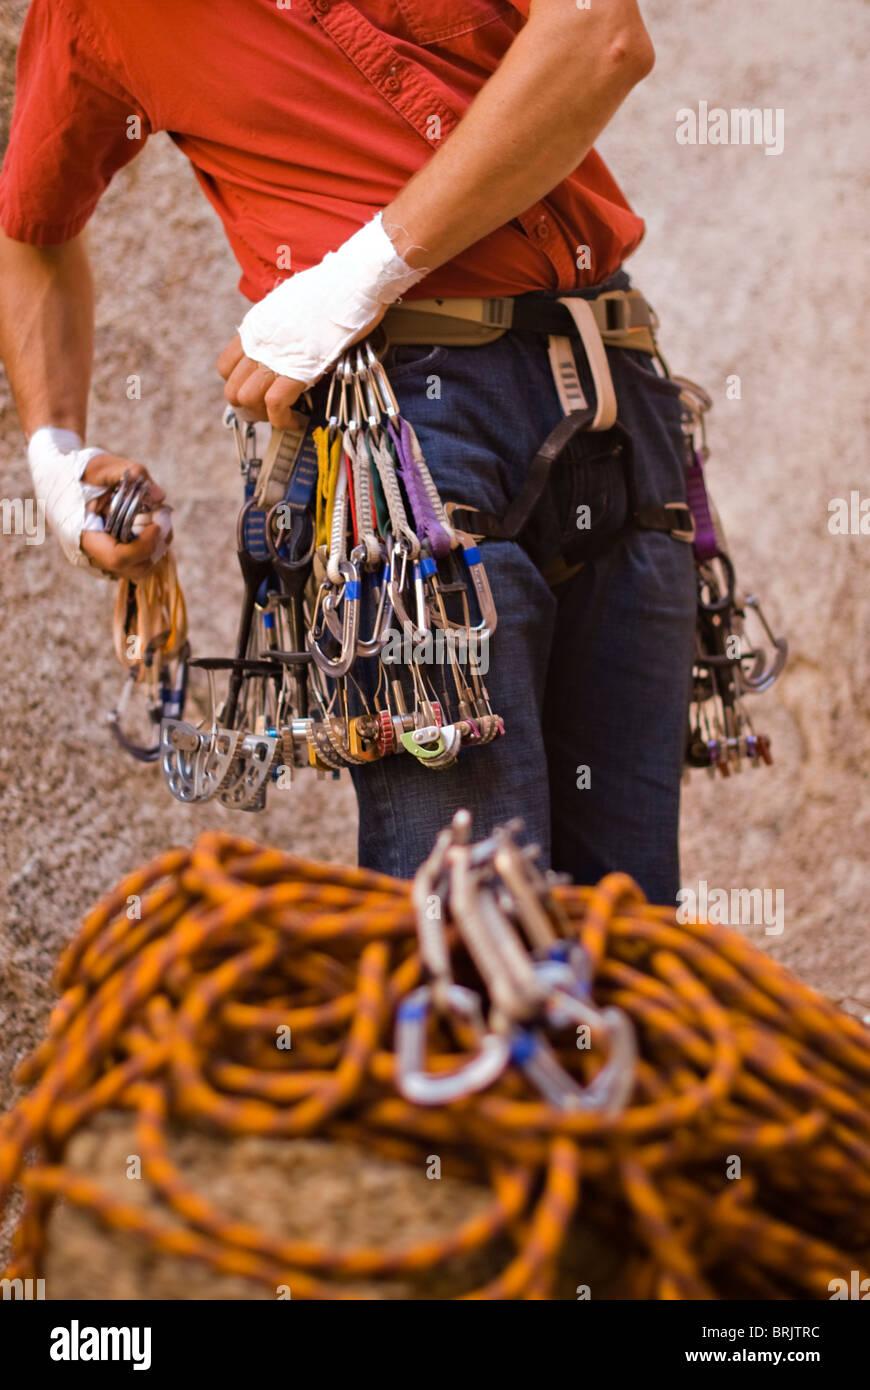 Ein Bergsteiger in rot bereitet führen gefangen innen zu klettern, eine Route bewertet 5.10 b. Stockbild